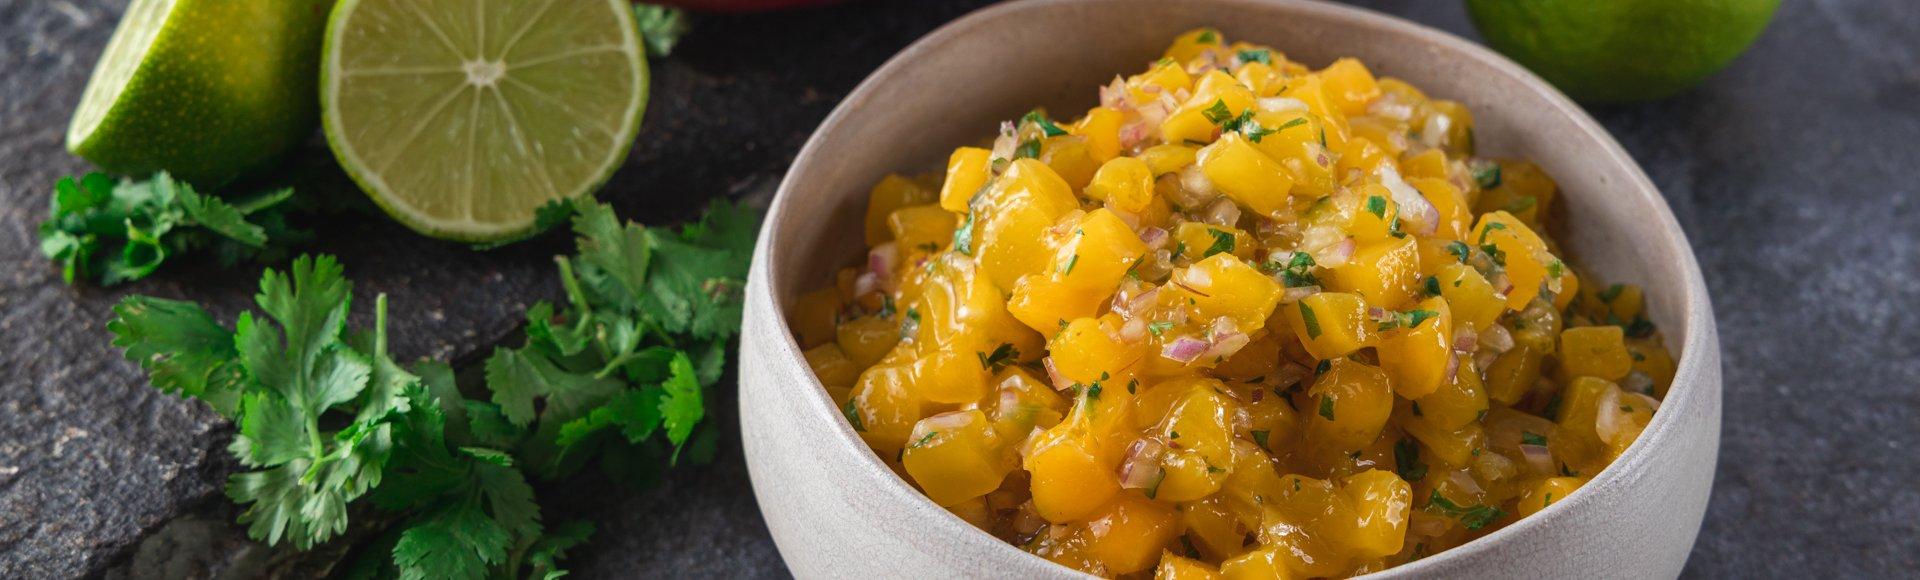 Σάλσα με μάνγκο και λάιμ